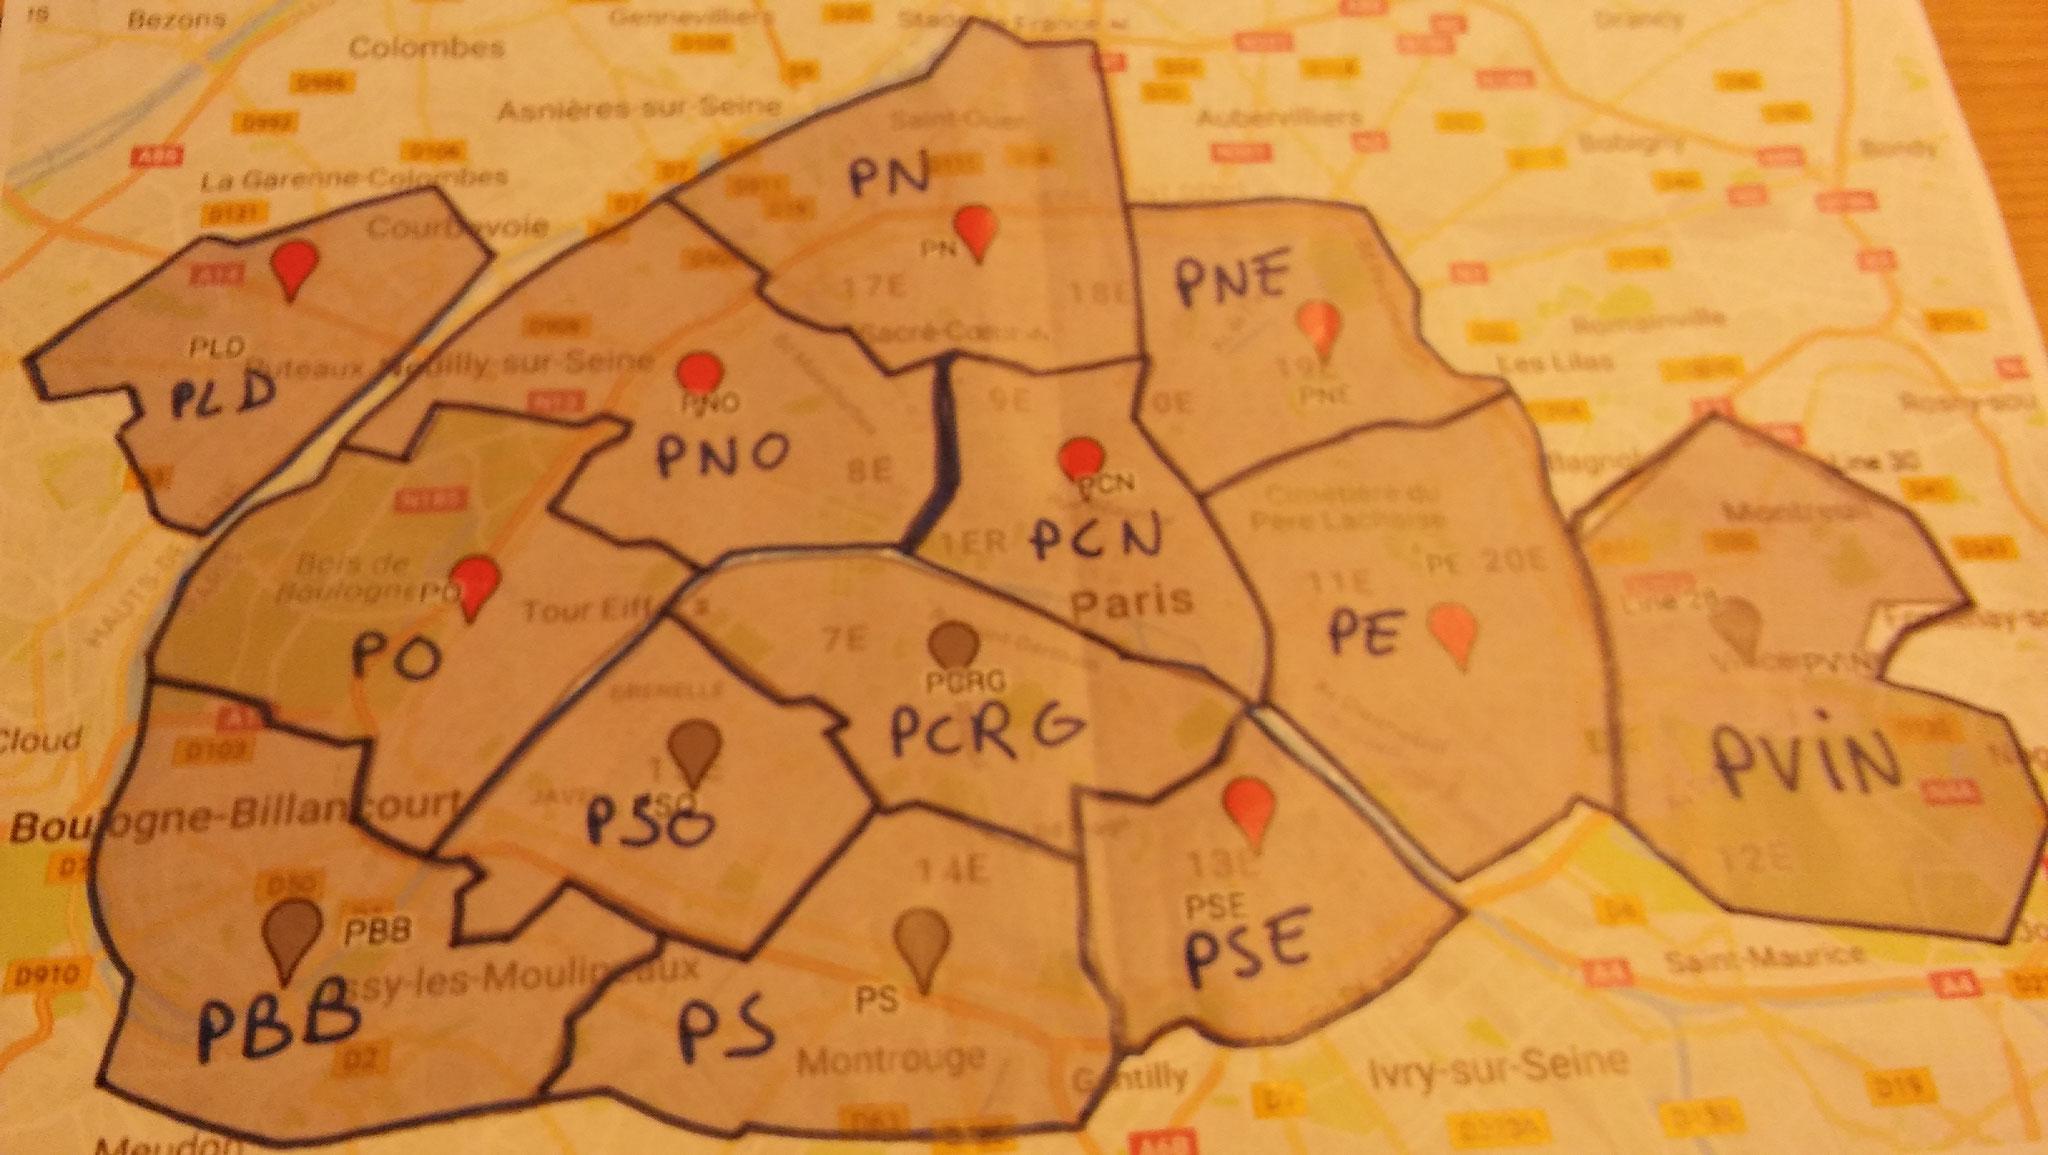 Deliveroo propose des zones de livraison, en insitant pour que les nouveaux venus s'inscrivent dans les moins demandées. Le nord de Paris et ses montées n'enchantent pas les foules